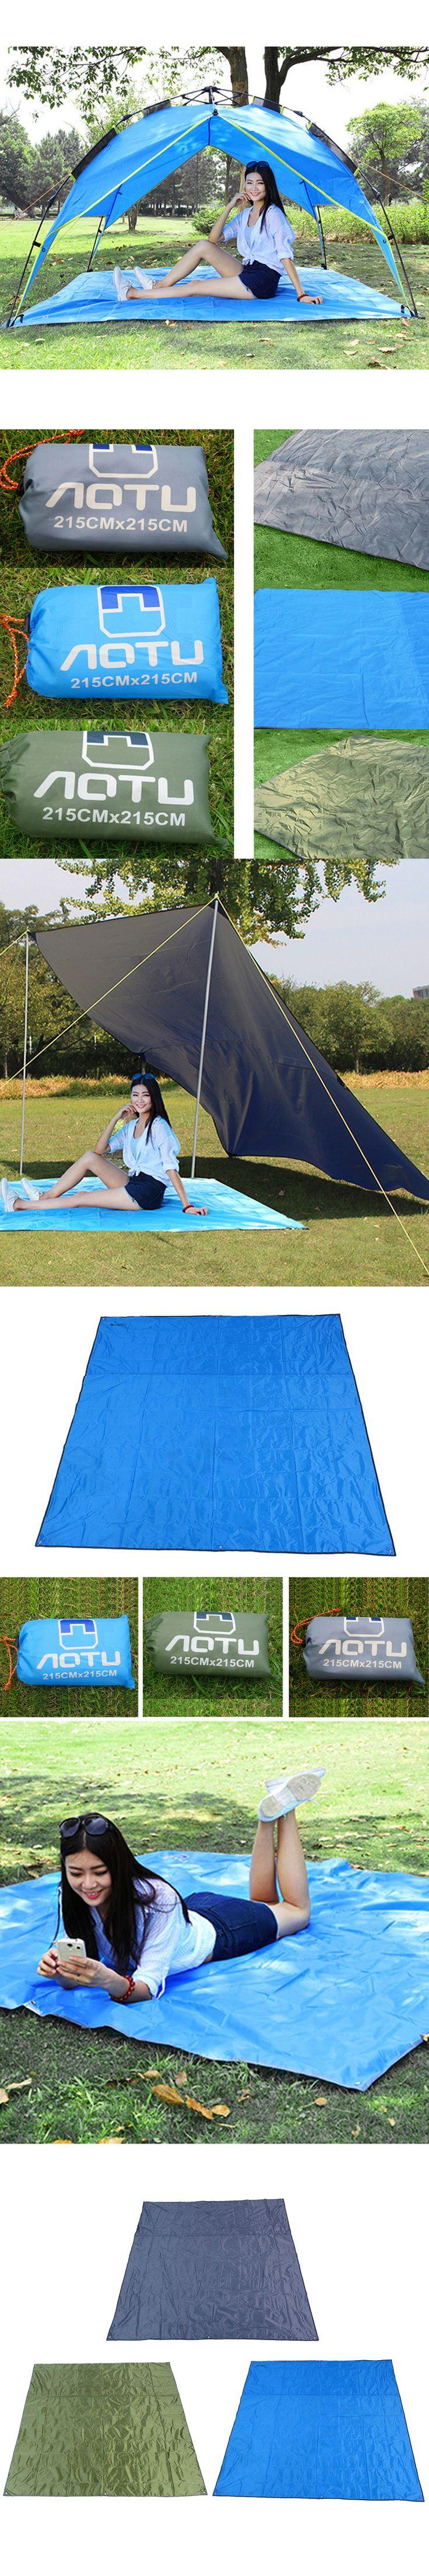 Ultralight Thick Oxford Groundsheet Folding Outdoor Picnic Mat Moistureproof Camping Mattress Pad Tarp Beach Tent Awning